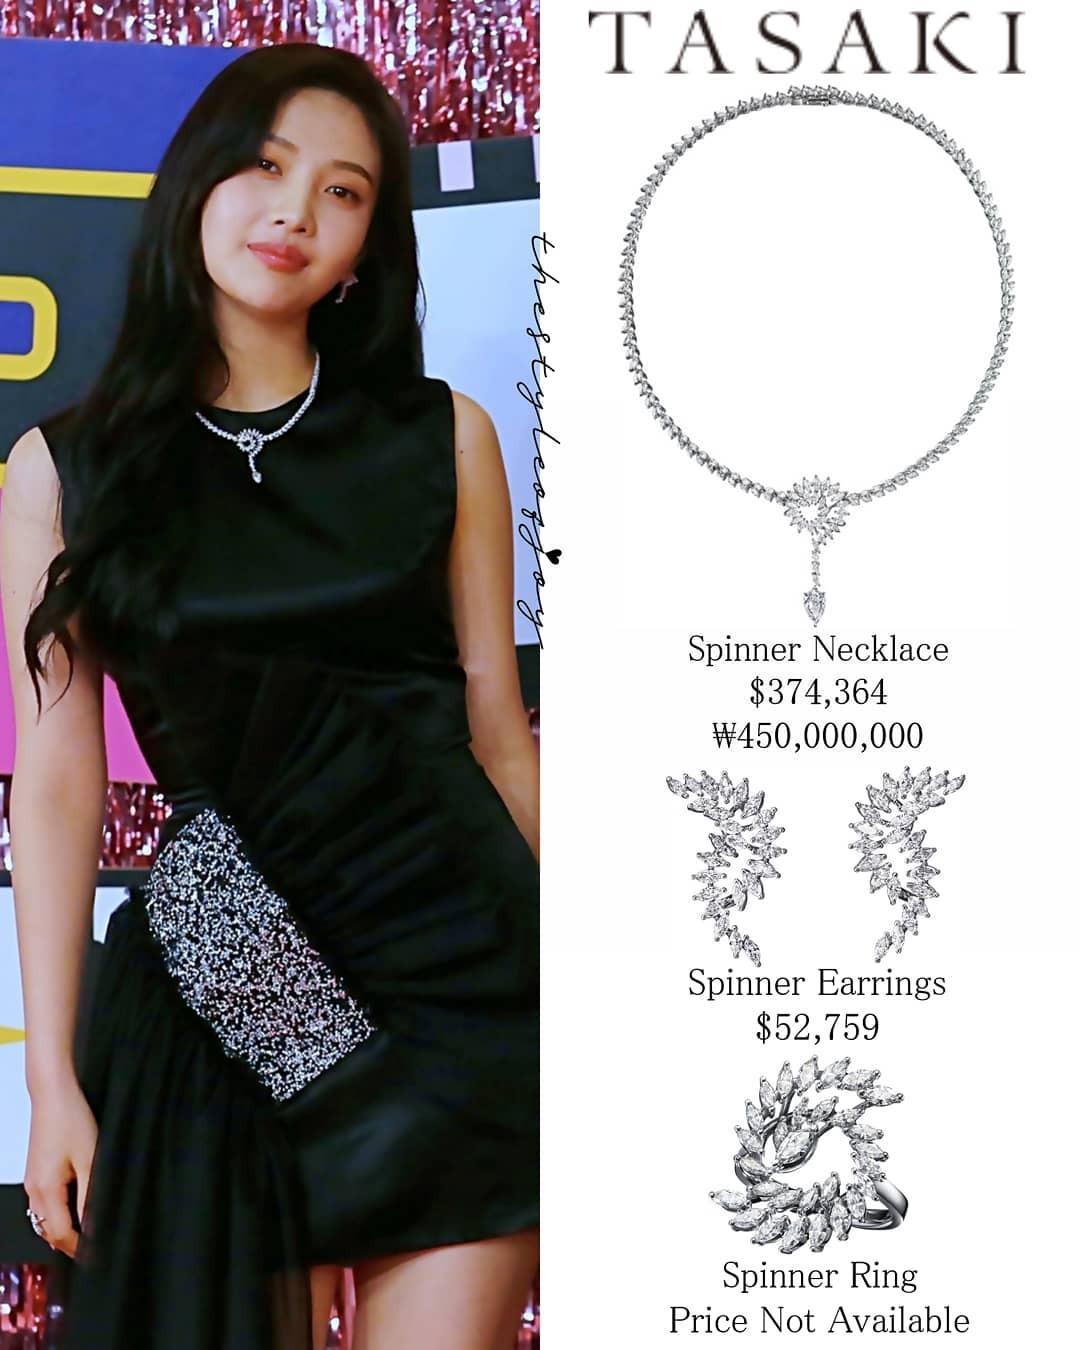 Chỉ riêng mẫu khuyên tai đã có giá bán lên tới hơn 52.700 USD. Bất ngờ hơn, chiếc vòng cổ lấp lánh cô đeo được hãng ra giá đến 374.364 USD.